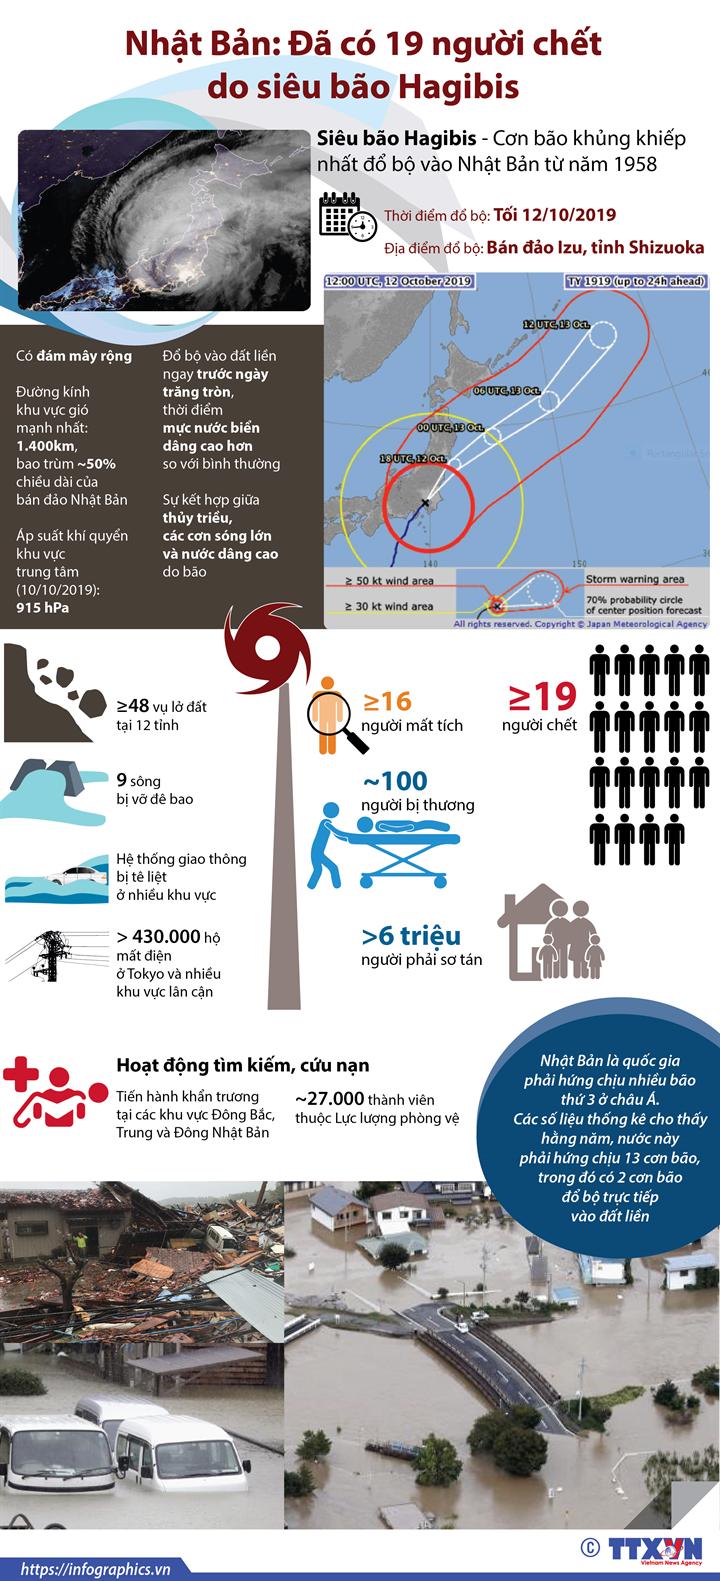 Nhật Bản: Đã có 19 người chết do siêu bão Hagibis